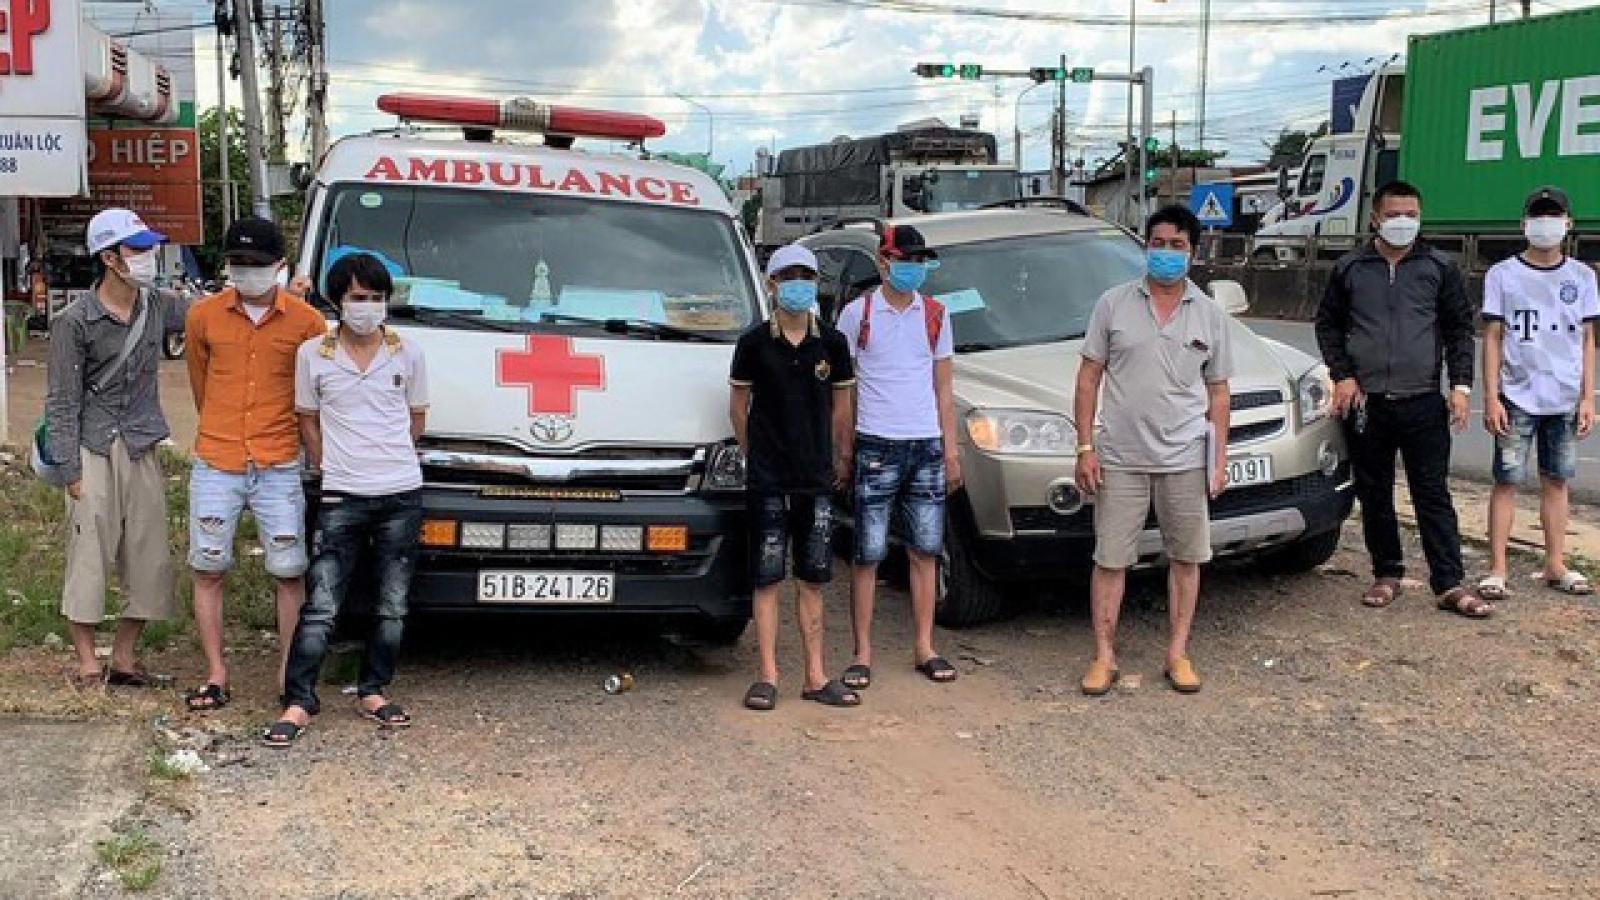 Lợi dụng xe cấp cứu đưa 6 người qua chốt kiểm dịch tại Đồng Nai